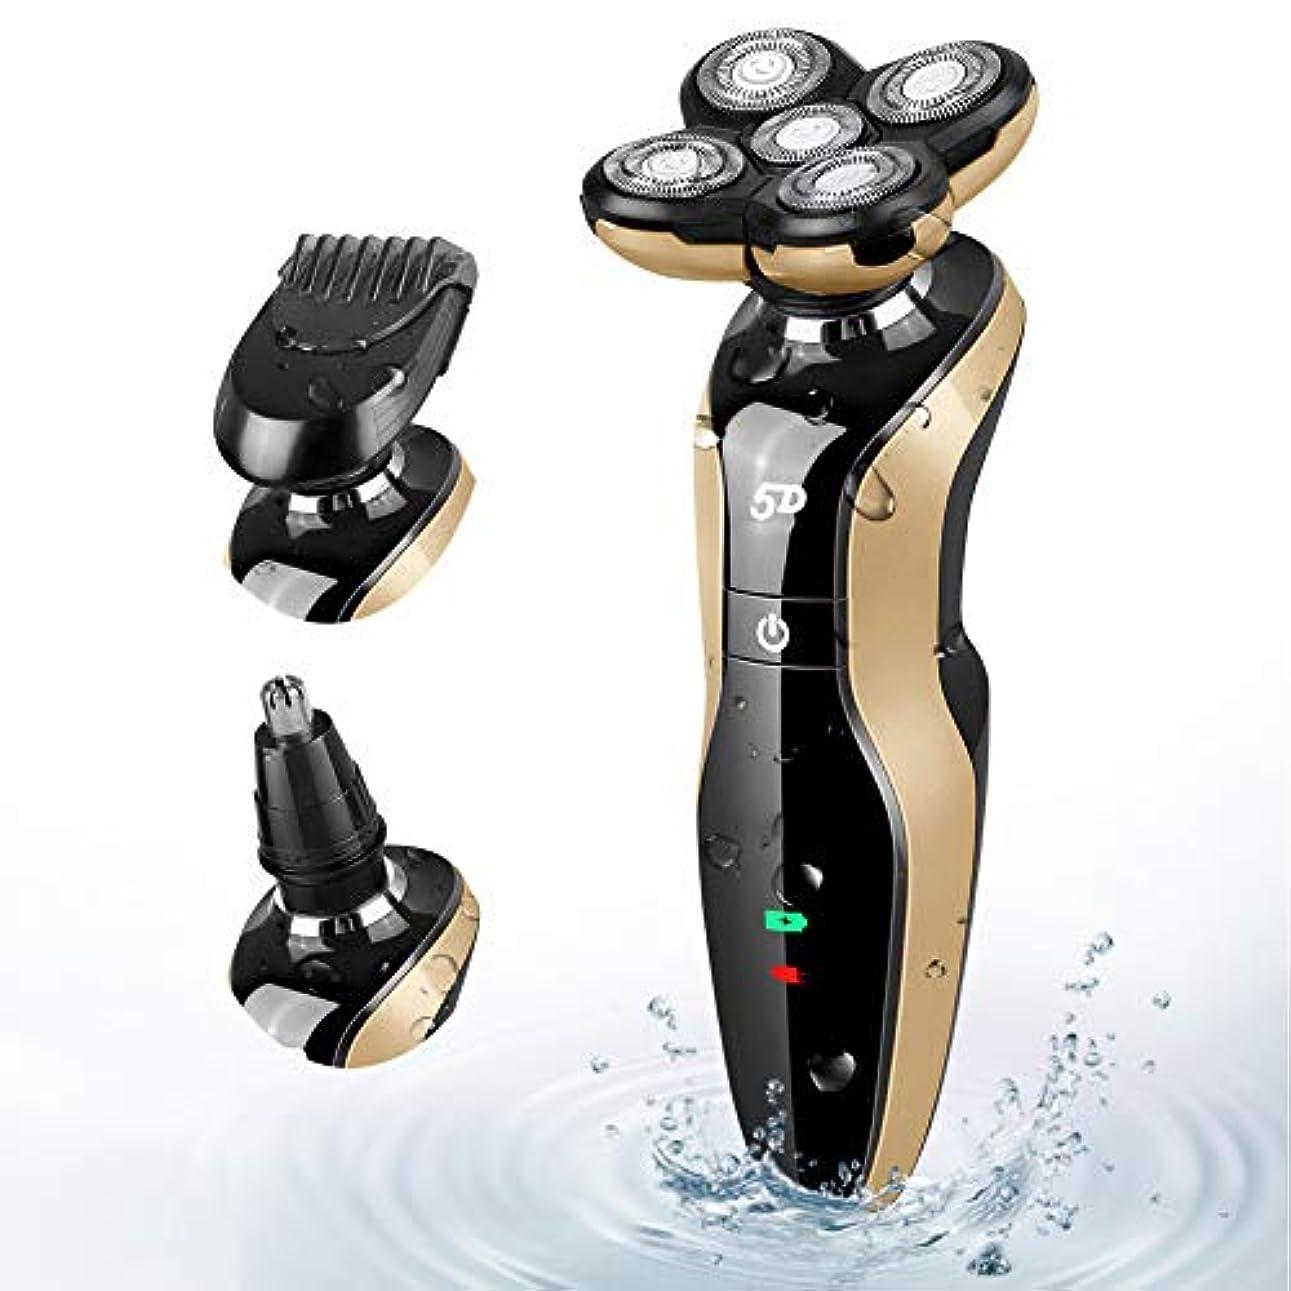 ぜいたく眩惑する鎮静剤電気シェーバー - 5Dカッターヘッド強力な電気シェーバー USB 本体洗えるフローティングシェービングスマートカミソリ